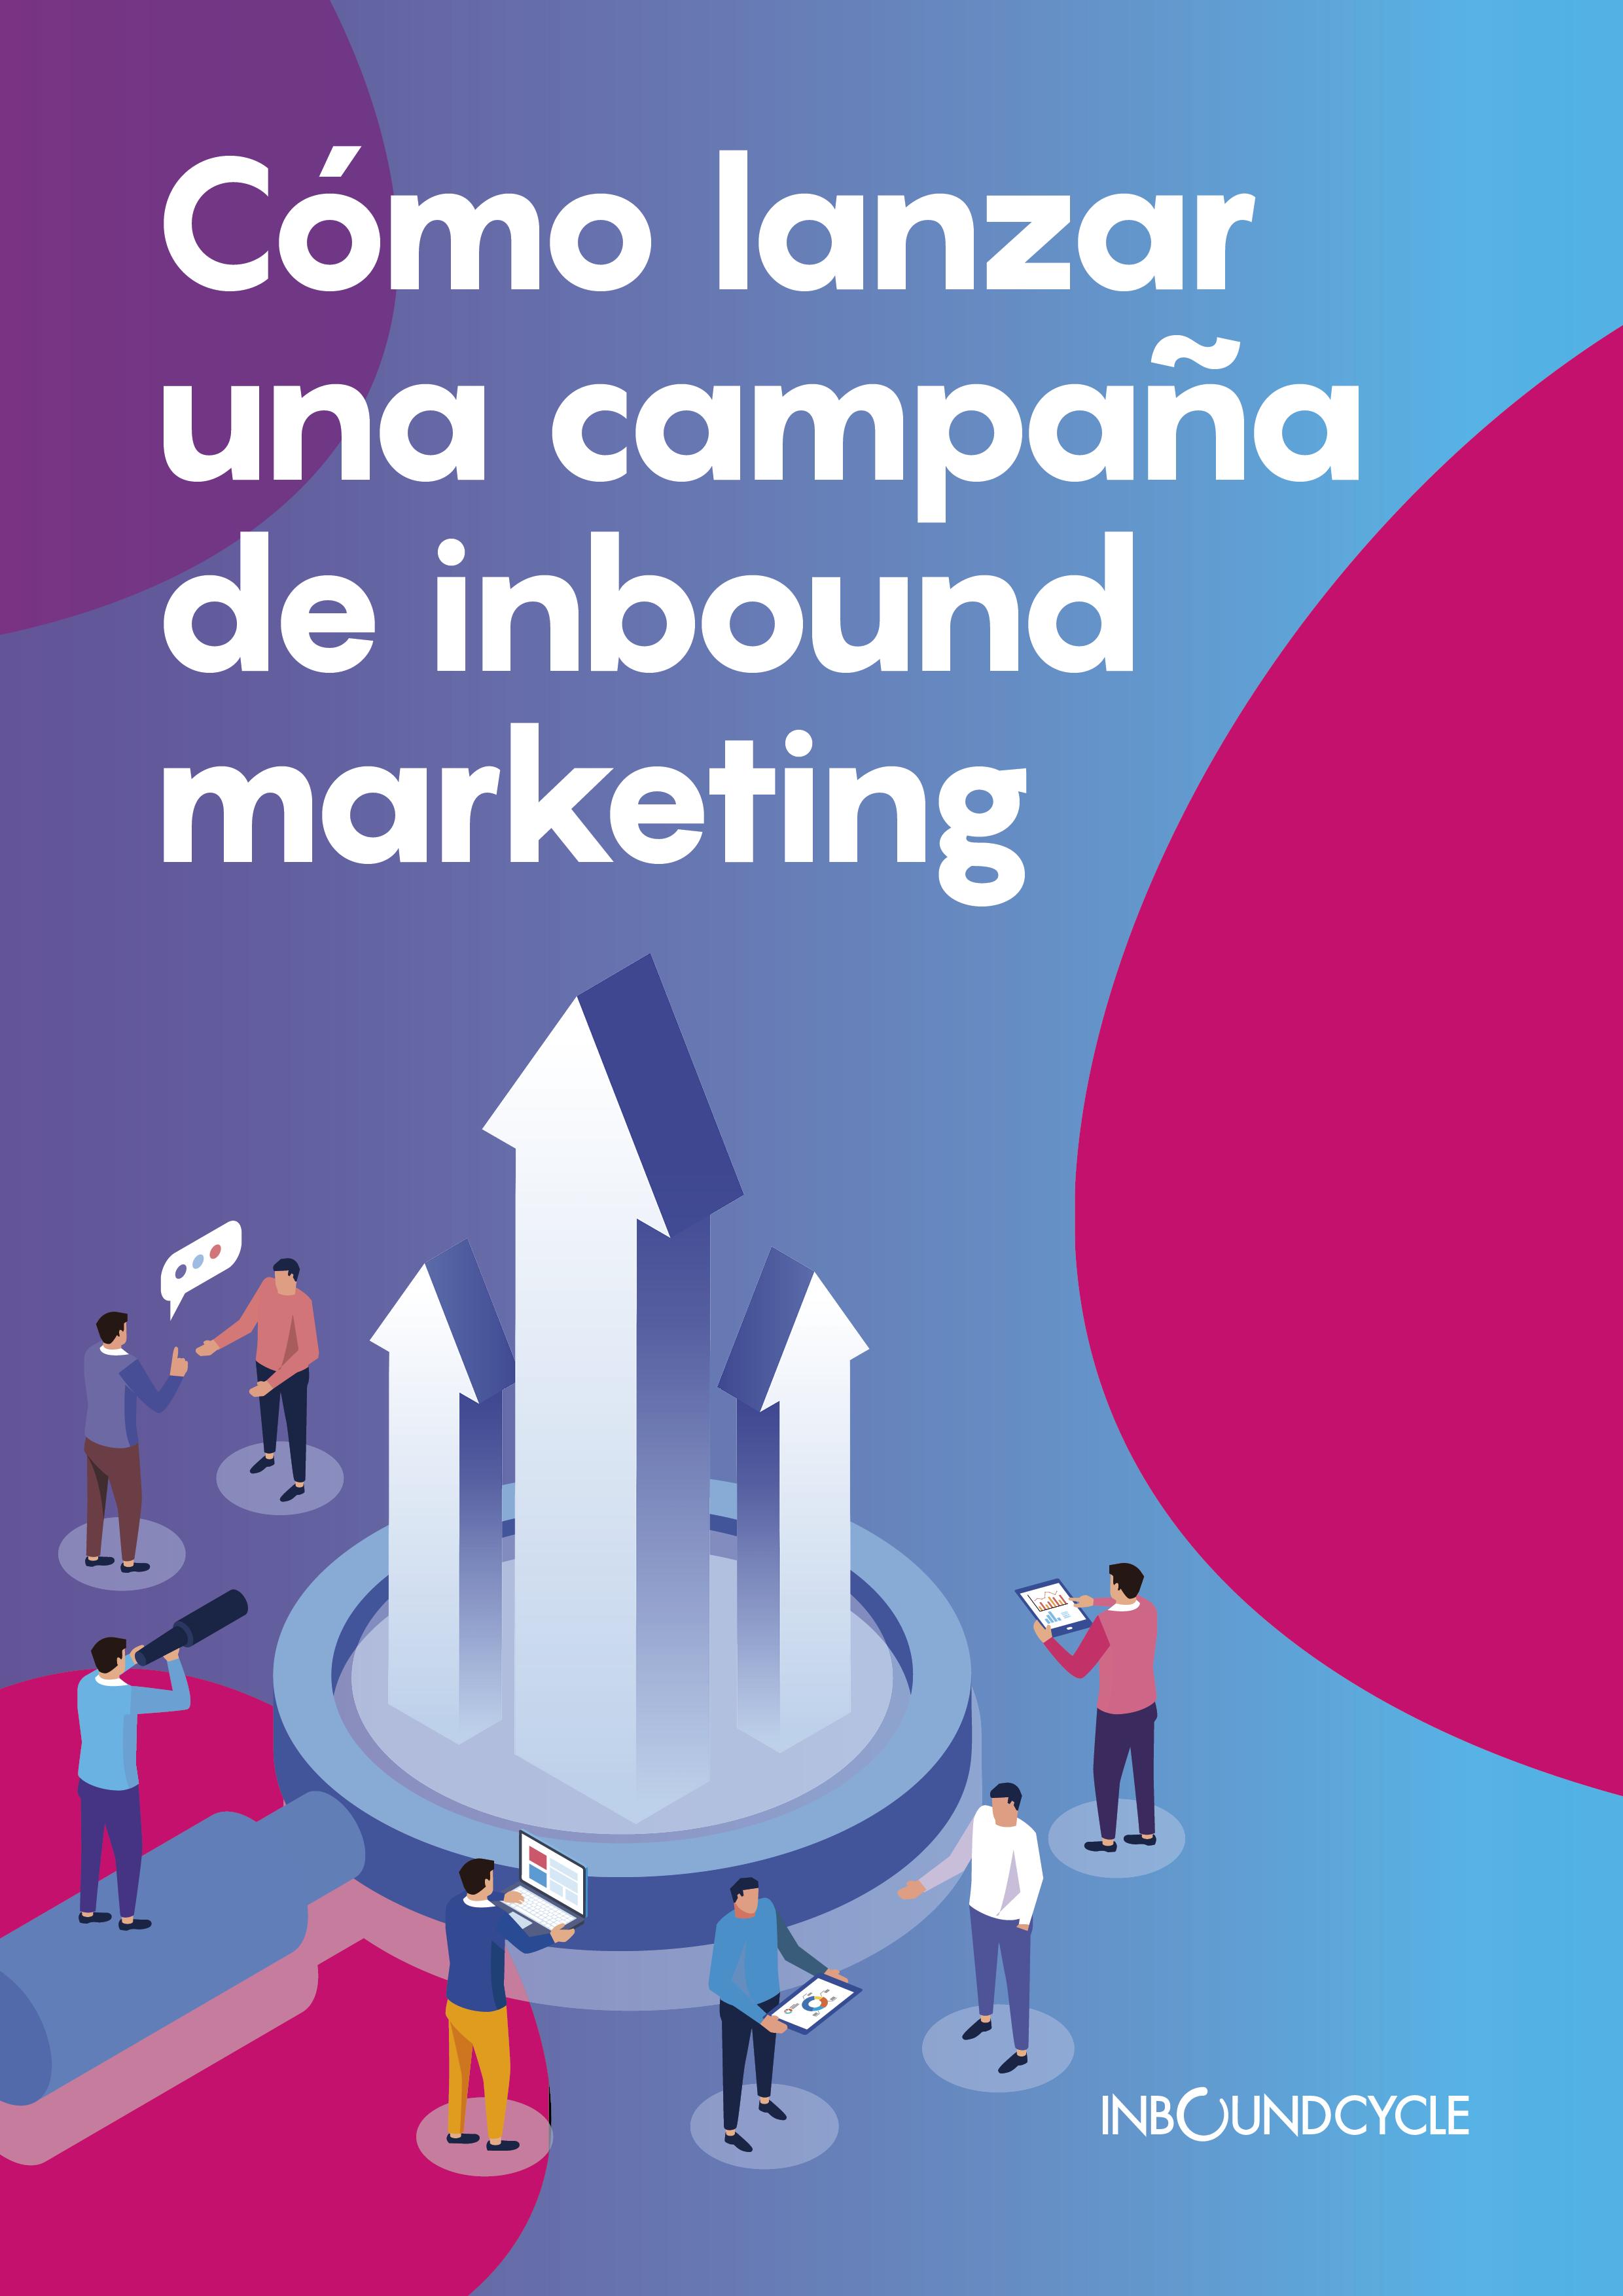 ICC - Cómo lanzar una campaña de inbound marketing - Portada